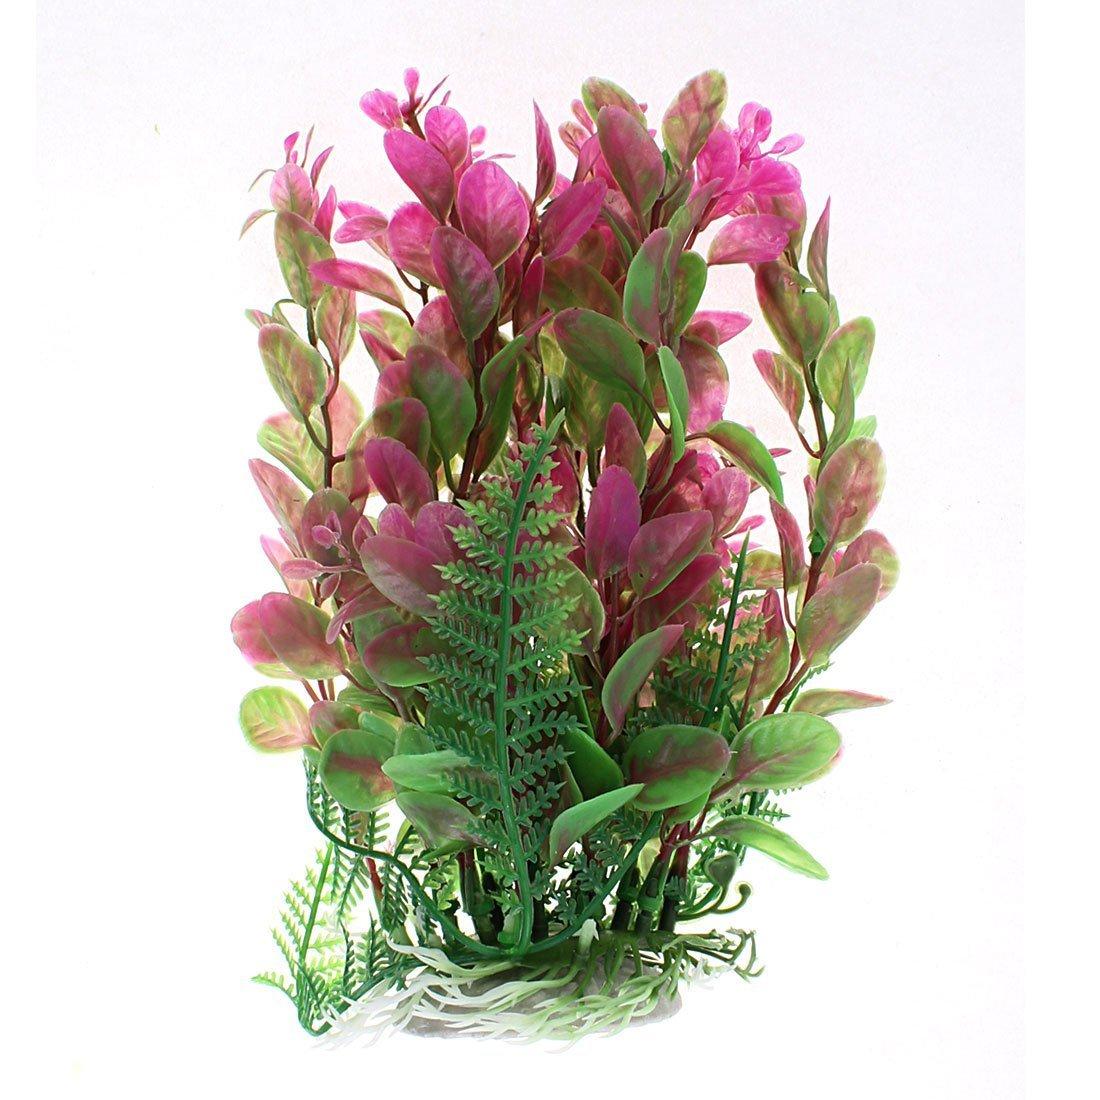 1Pc Plastic Aquarium Aquascaping Plant Decor 17cm Height Green Fuchsia